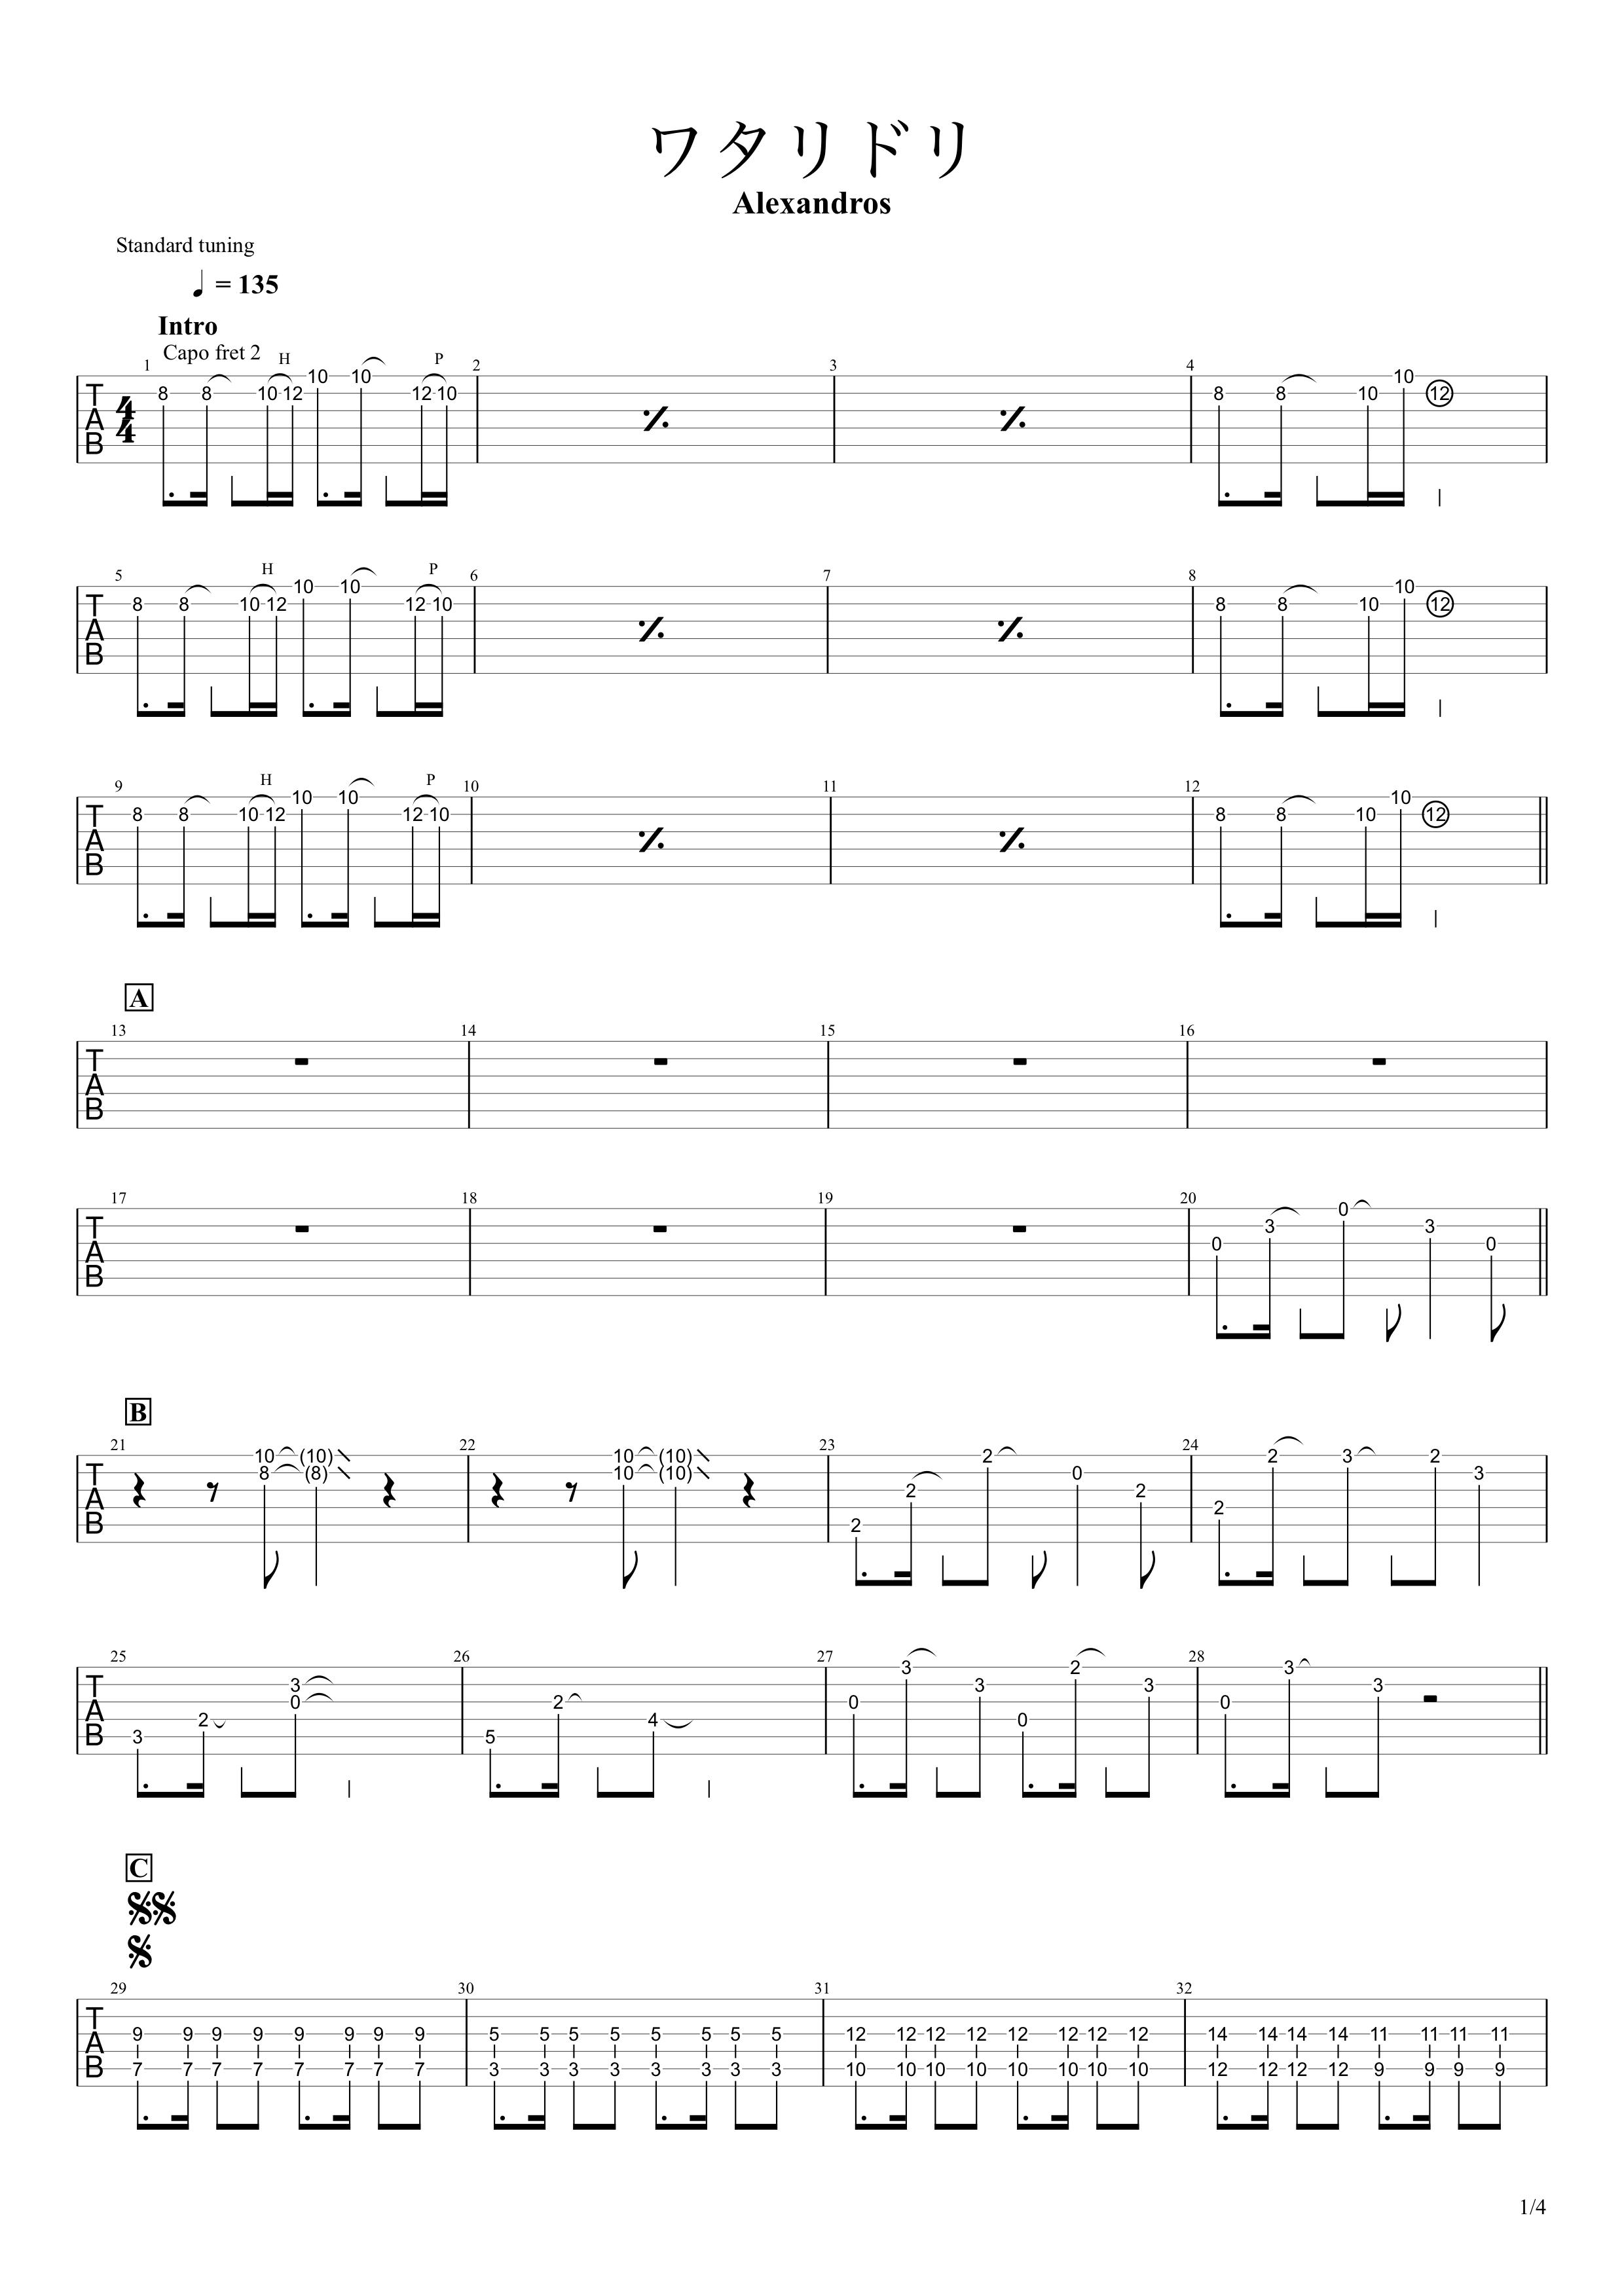 ワタリドリ/Alexandros ギタータブ譜 リードギターほぼ完コピVer.01